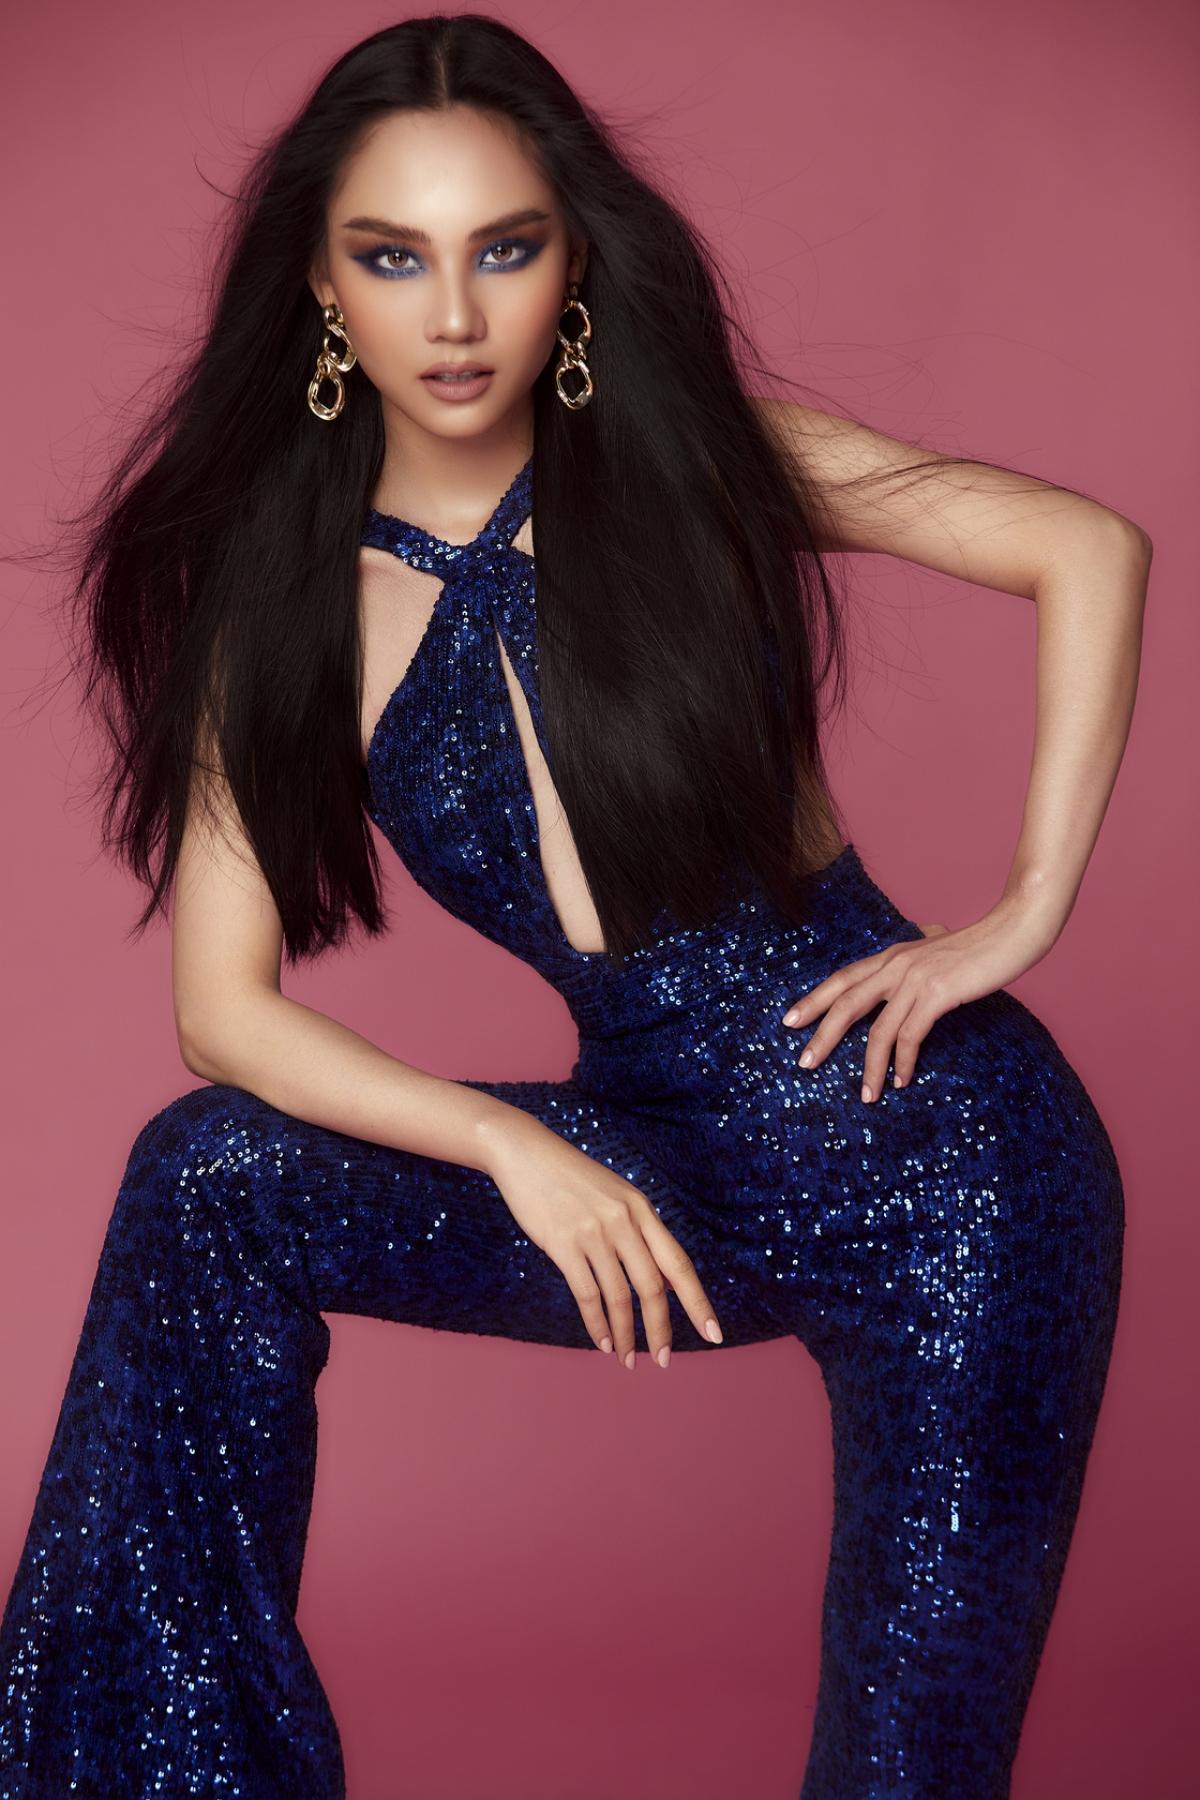 Cô gái được kỳ vọng sẽ làm nên chuyện tại Miss World Vietnam 2021 chính là Huỳnh Nguyễn Mai Phương- gương mặt từng gây chú ý của cuộc thi Hoa Hậu Việt Nam 2020 với loạt thành tích và danh hiệu đầy ngưỡng mộ.